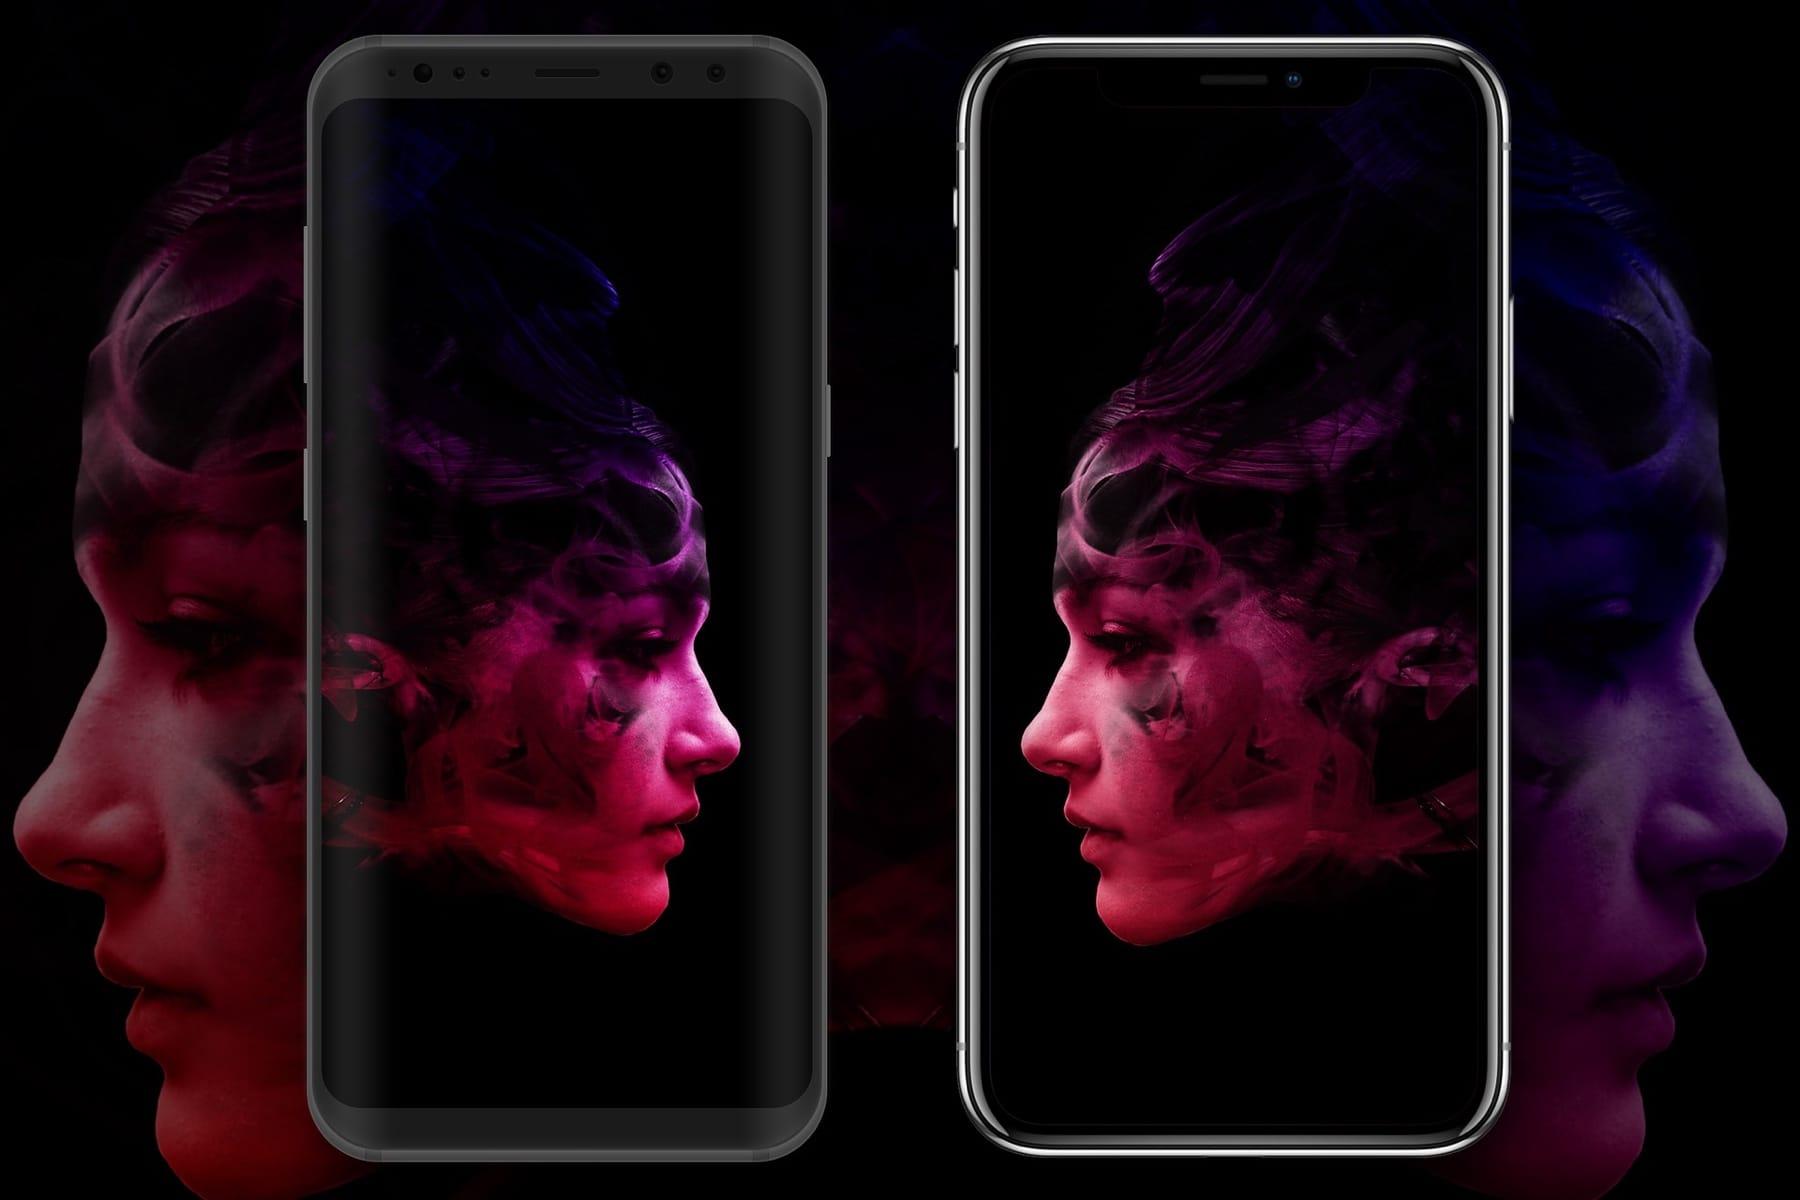 Инсайдер продемонстрировал новые фотографии телефона Самсунг Galaxy S9 иS9 Plus